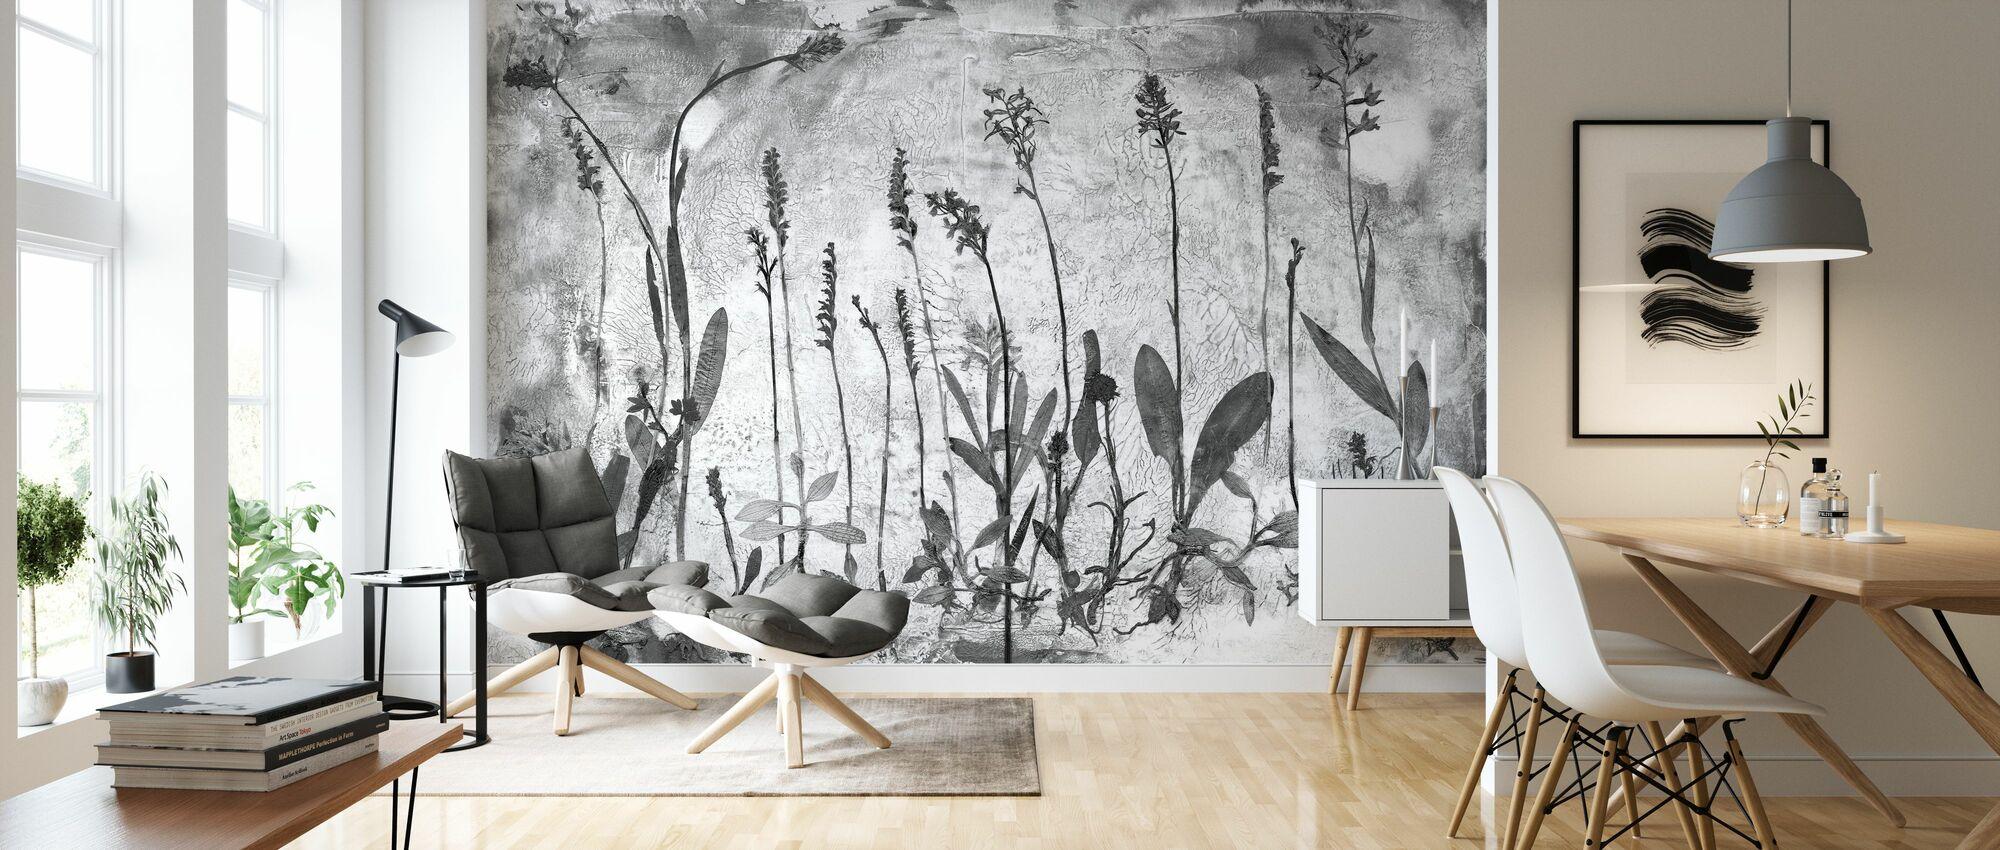 Orchidaceae - Tapet - Stue